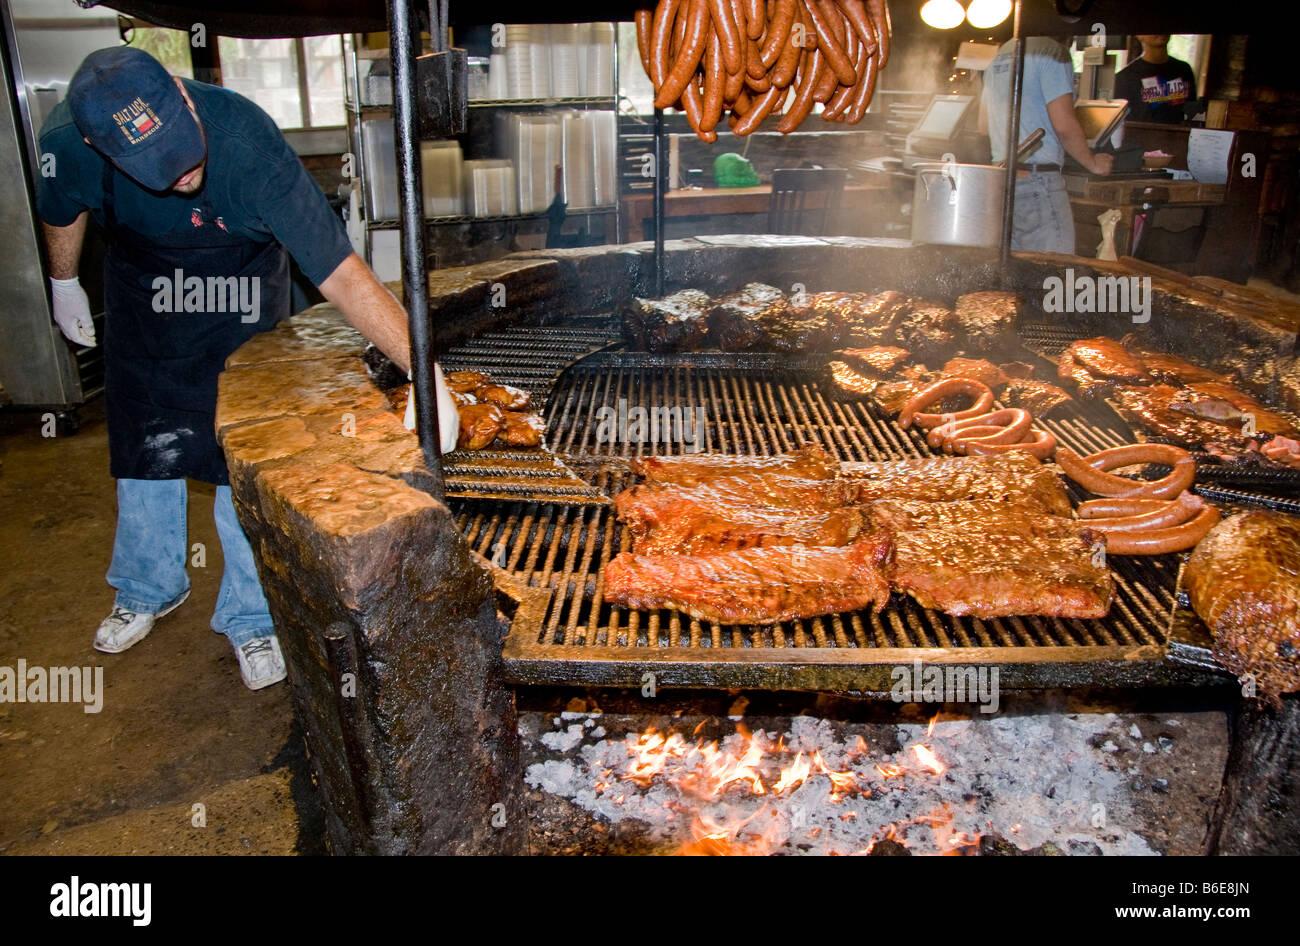 Texas barbecue, stile familiare, al Salt Lick barbeque utilizza smoky fossa tradizionale fuoco di legno aperto, Immagini Stock